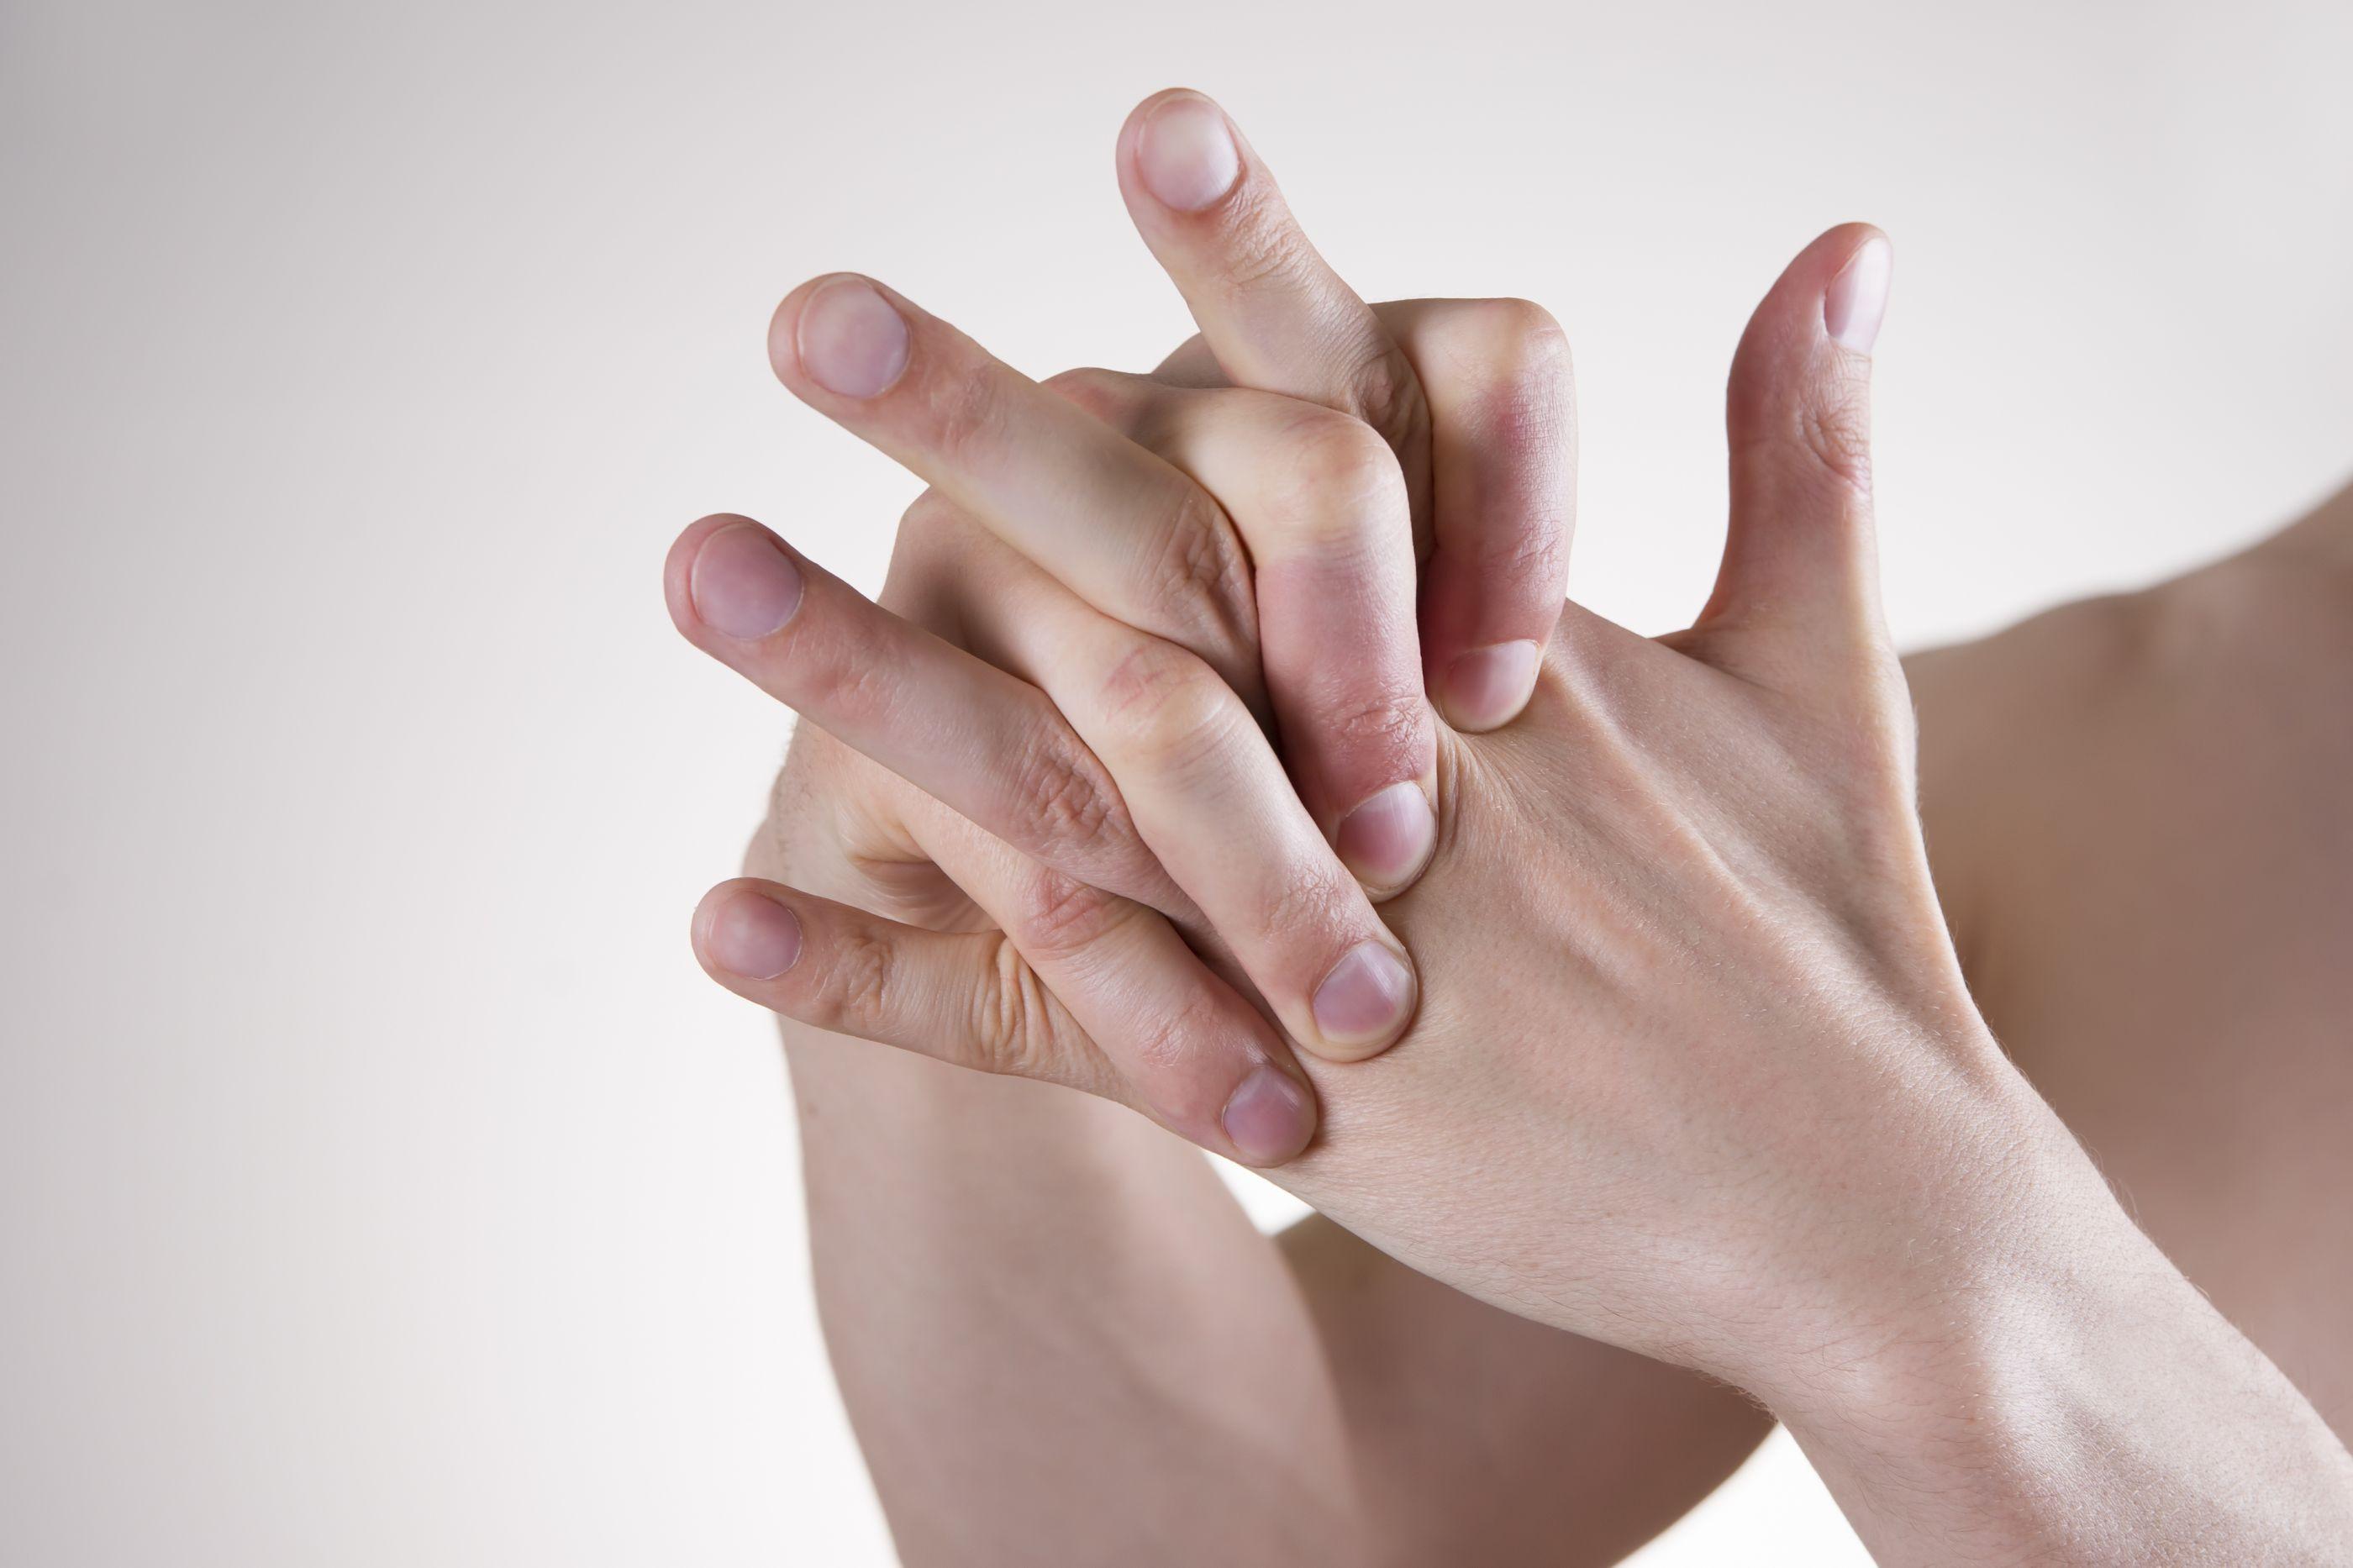 Mulher fica sem parte do dedo após discussão por causa de aluguel